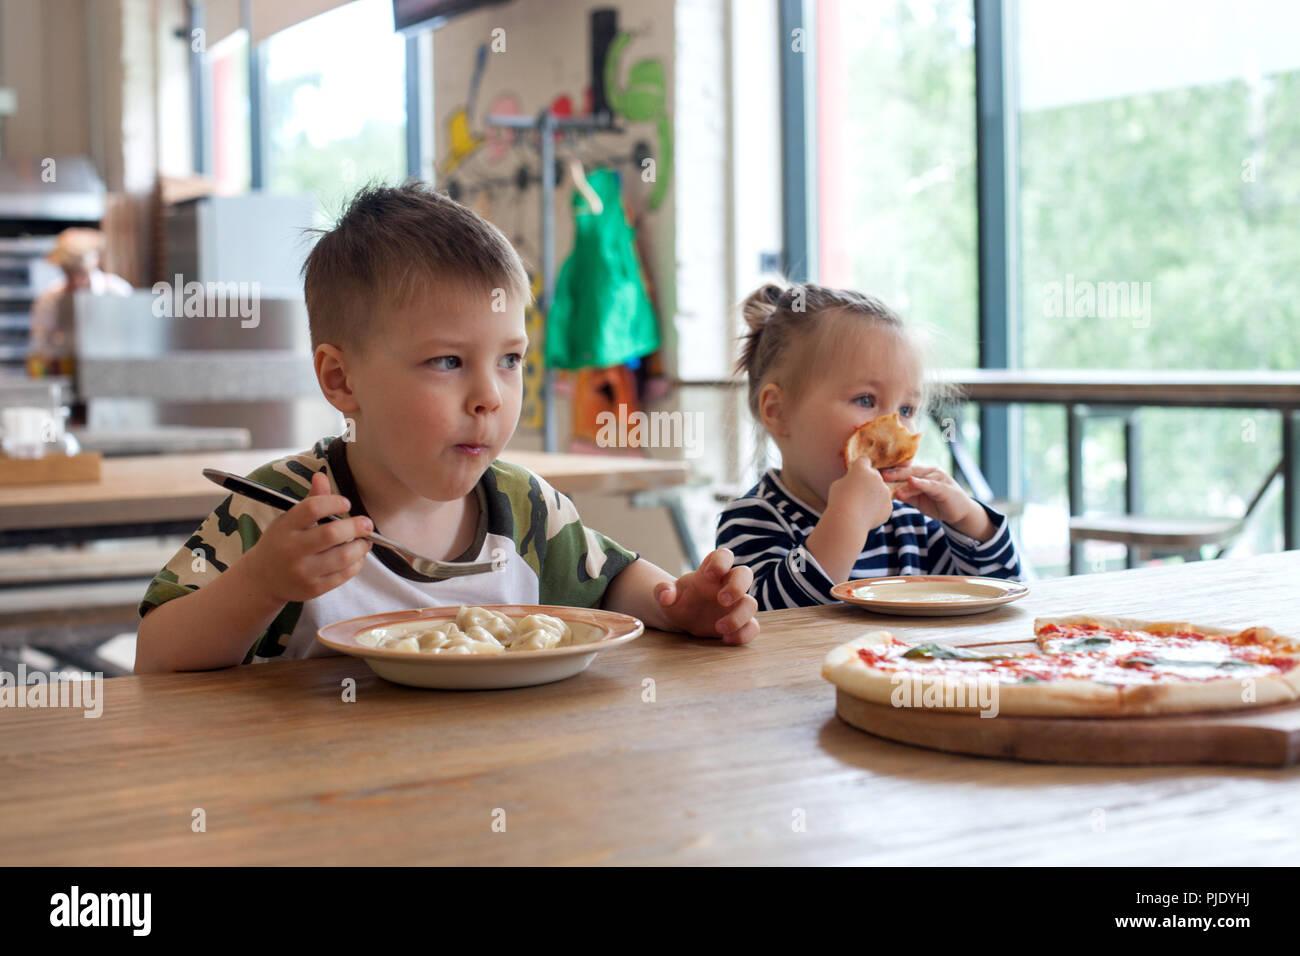 I bambini mangiano la pizza e carne gnocchi al cafe. I bambini a mangiare cibo malsano in ambienti chiusi. Fratelli in cafe, vacanza famiglia concetto. Immagini Stock